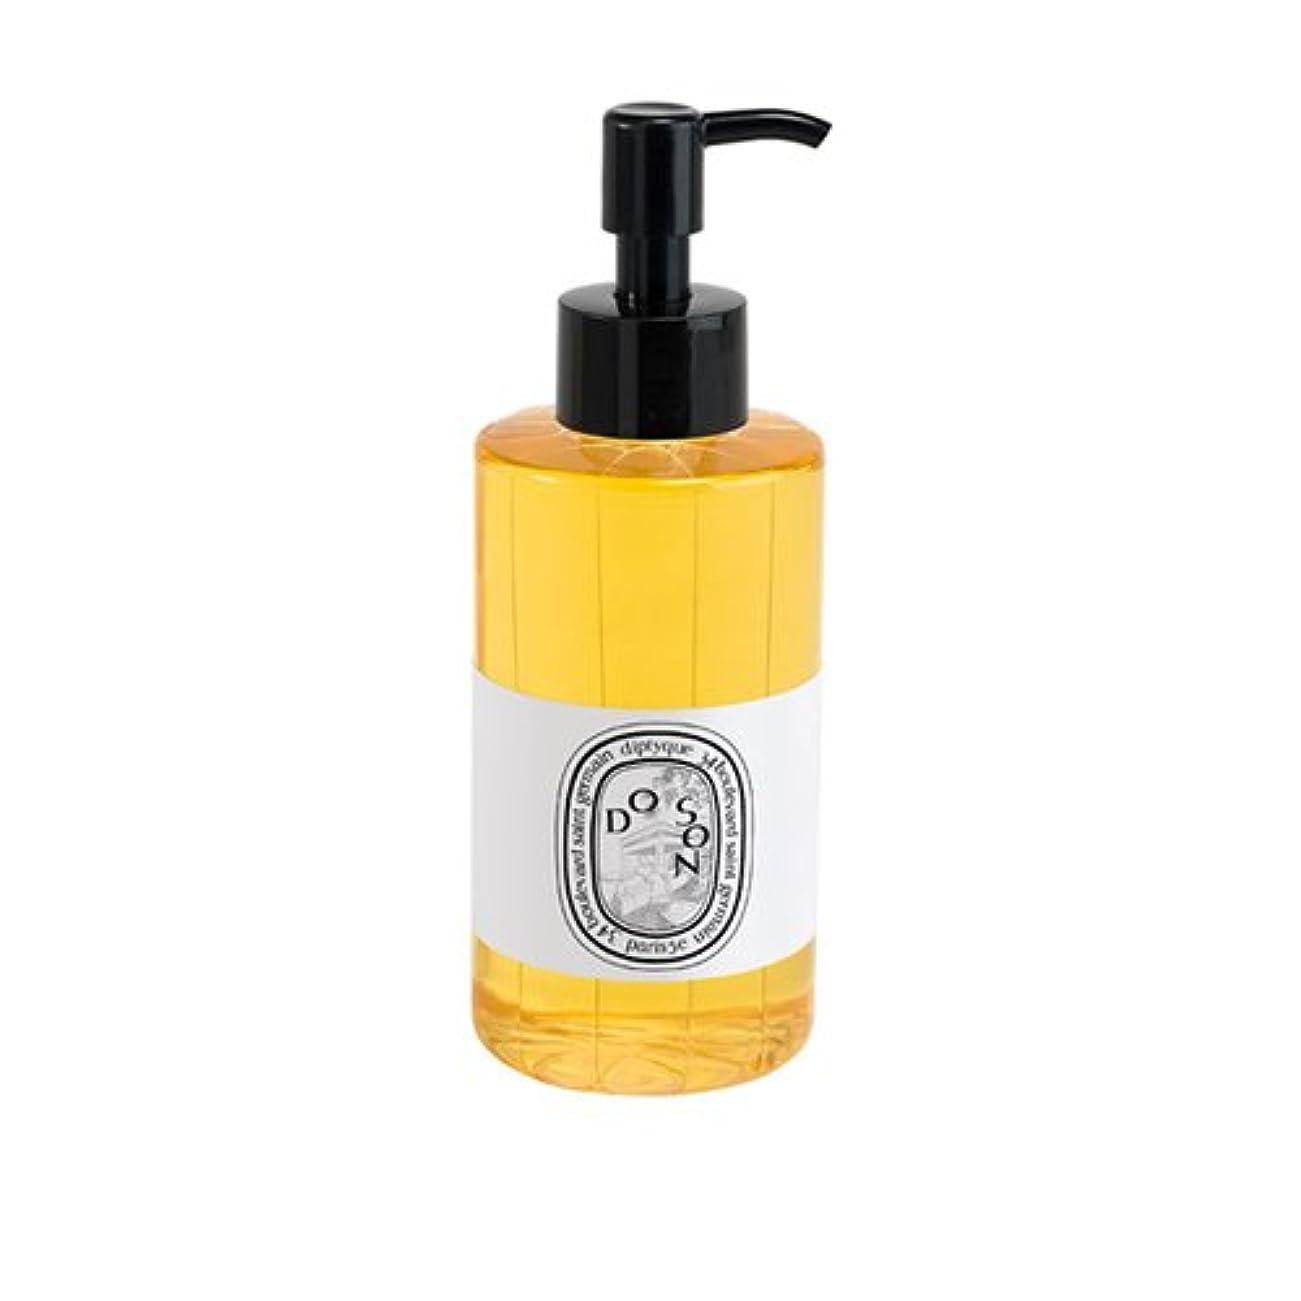 ハチ未払い贅沢なディプティック シャワーオイル ドソン(テュベルーズ)200ml DIPTYQUE DO SON SHOWER OIL [並行輸入品]